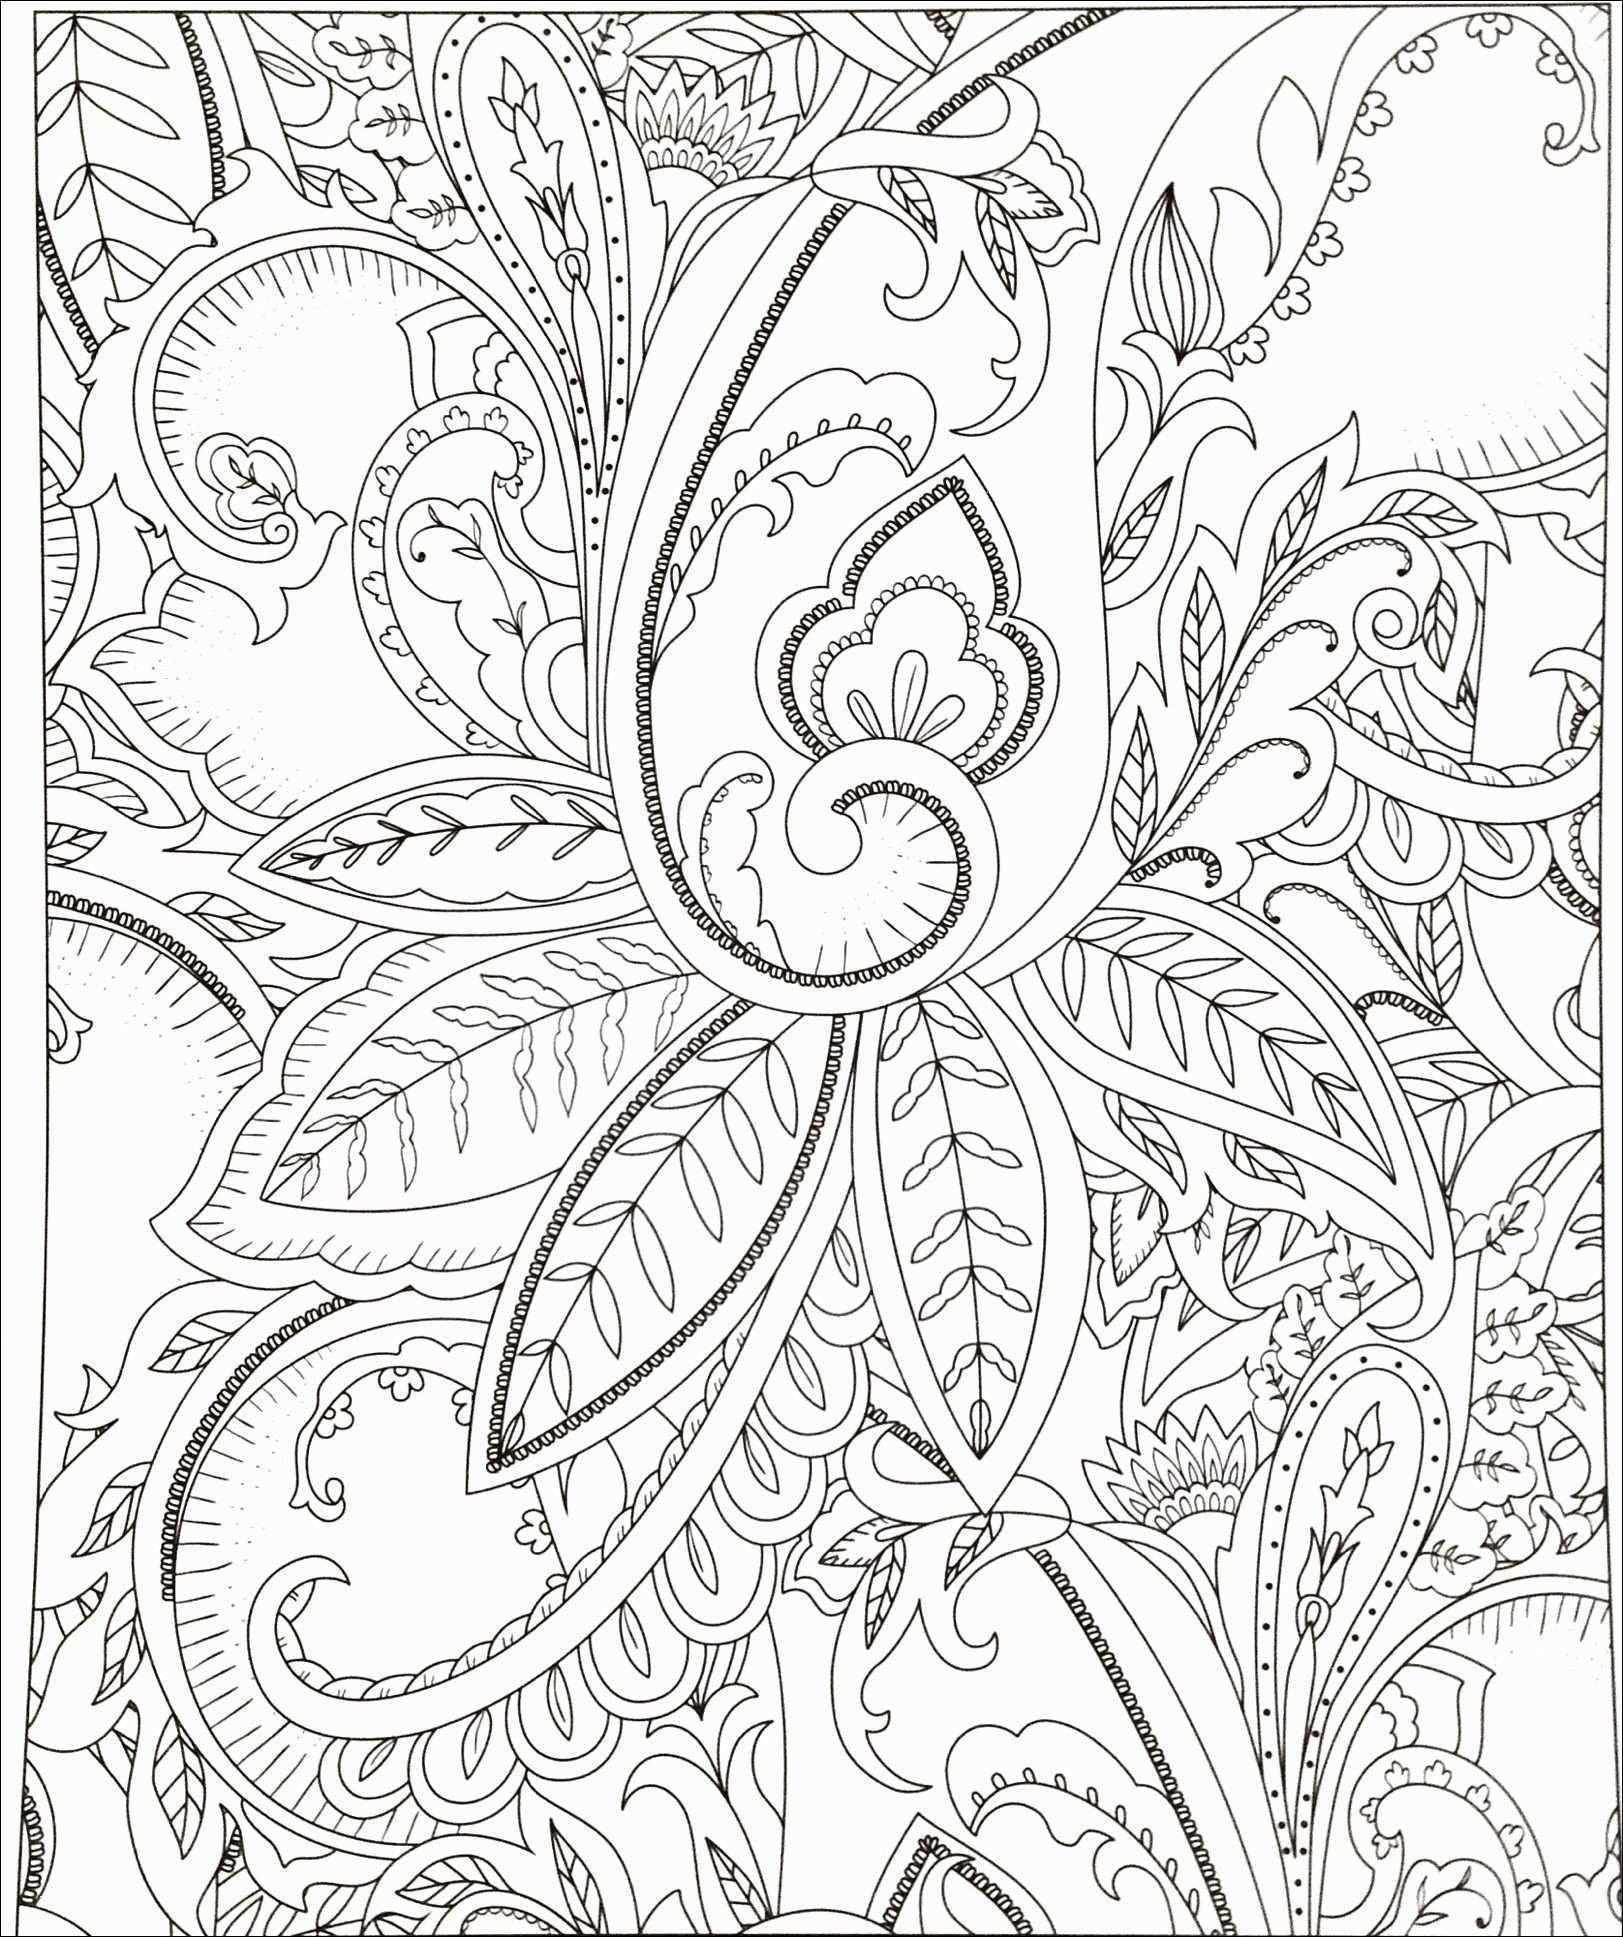 Ausmalbilder Schmetterling Mit Blume Frisch Schmetterling Vorlage Malvorlagen Blumen Und Schmetterlinge Bild Bild